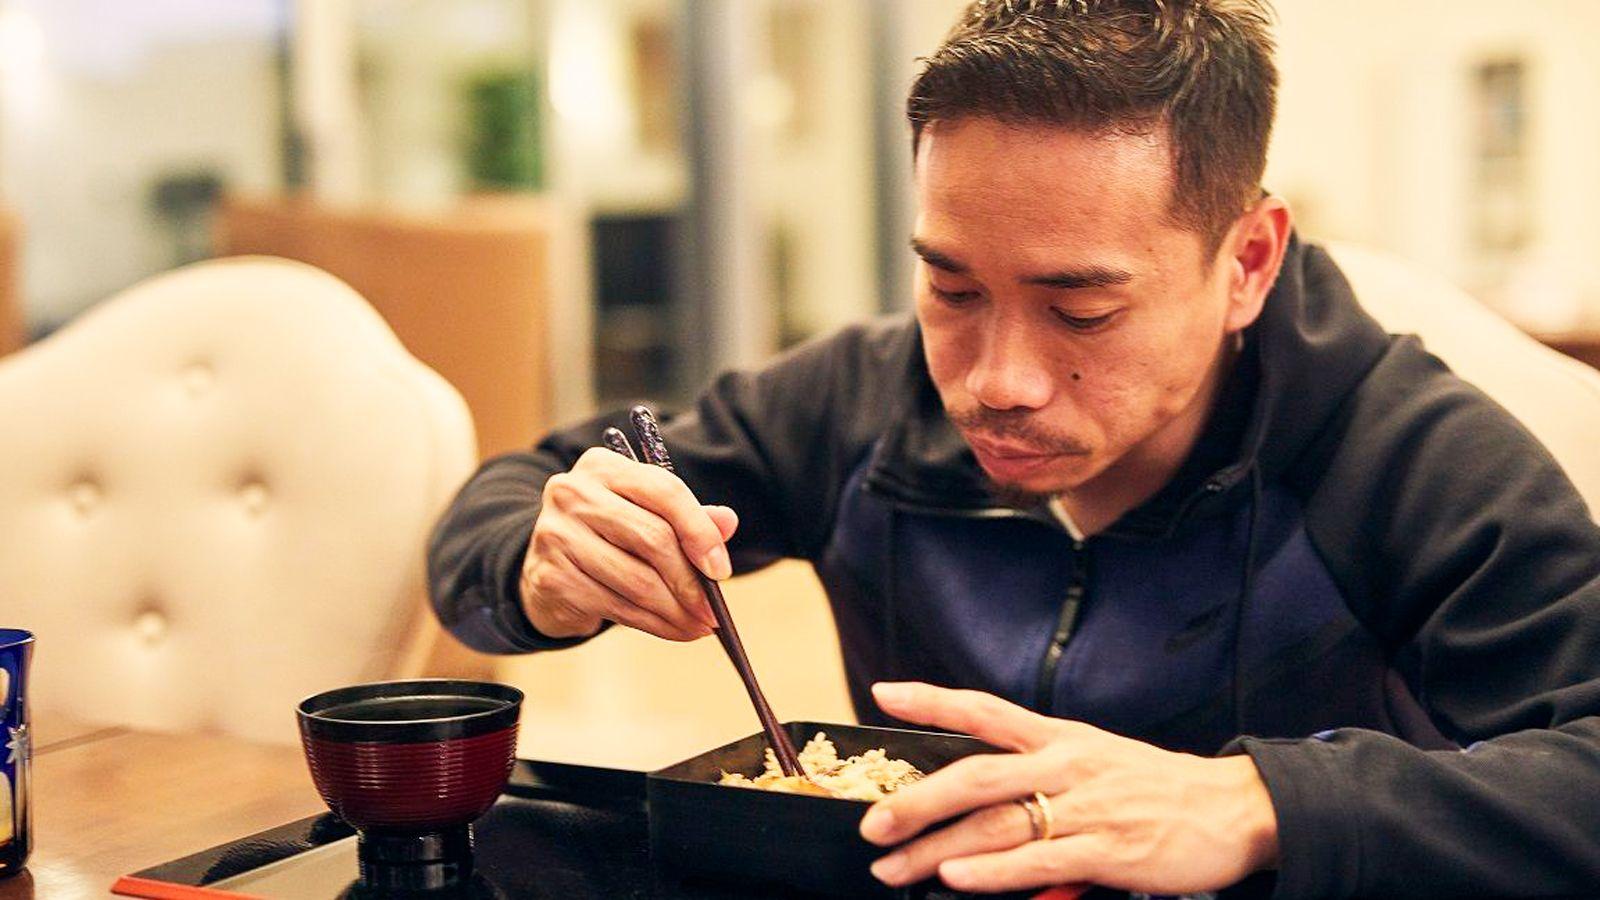 長友佑都の肉体改造支えた「究極食事法」の秘密 | 健康 | 東洋経済オンライン | 経済ニュースの新基準